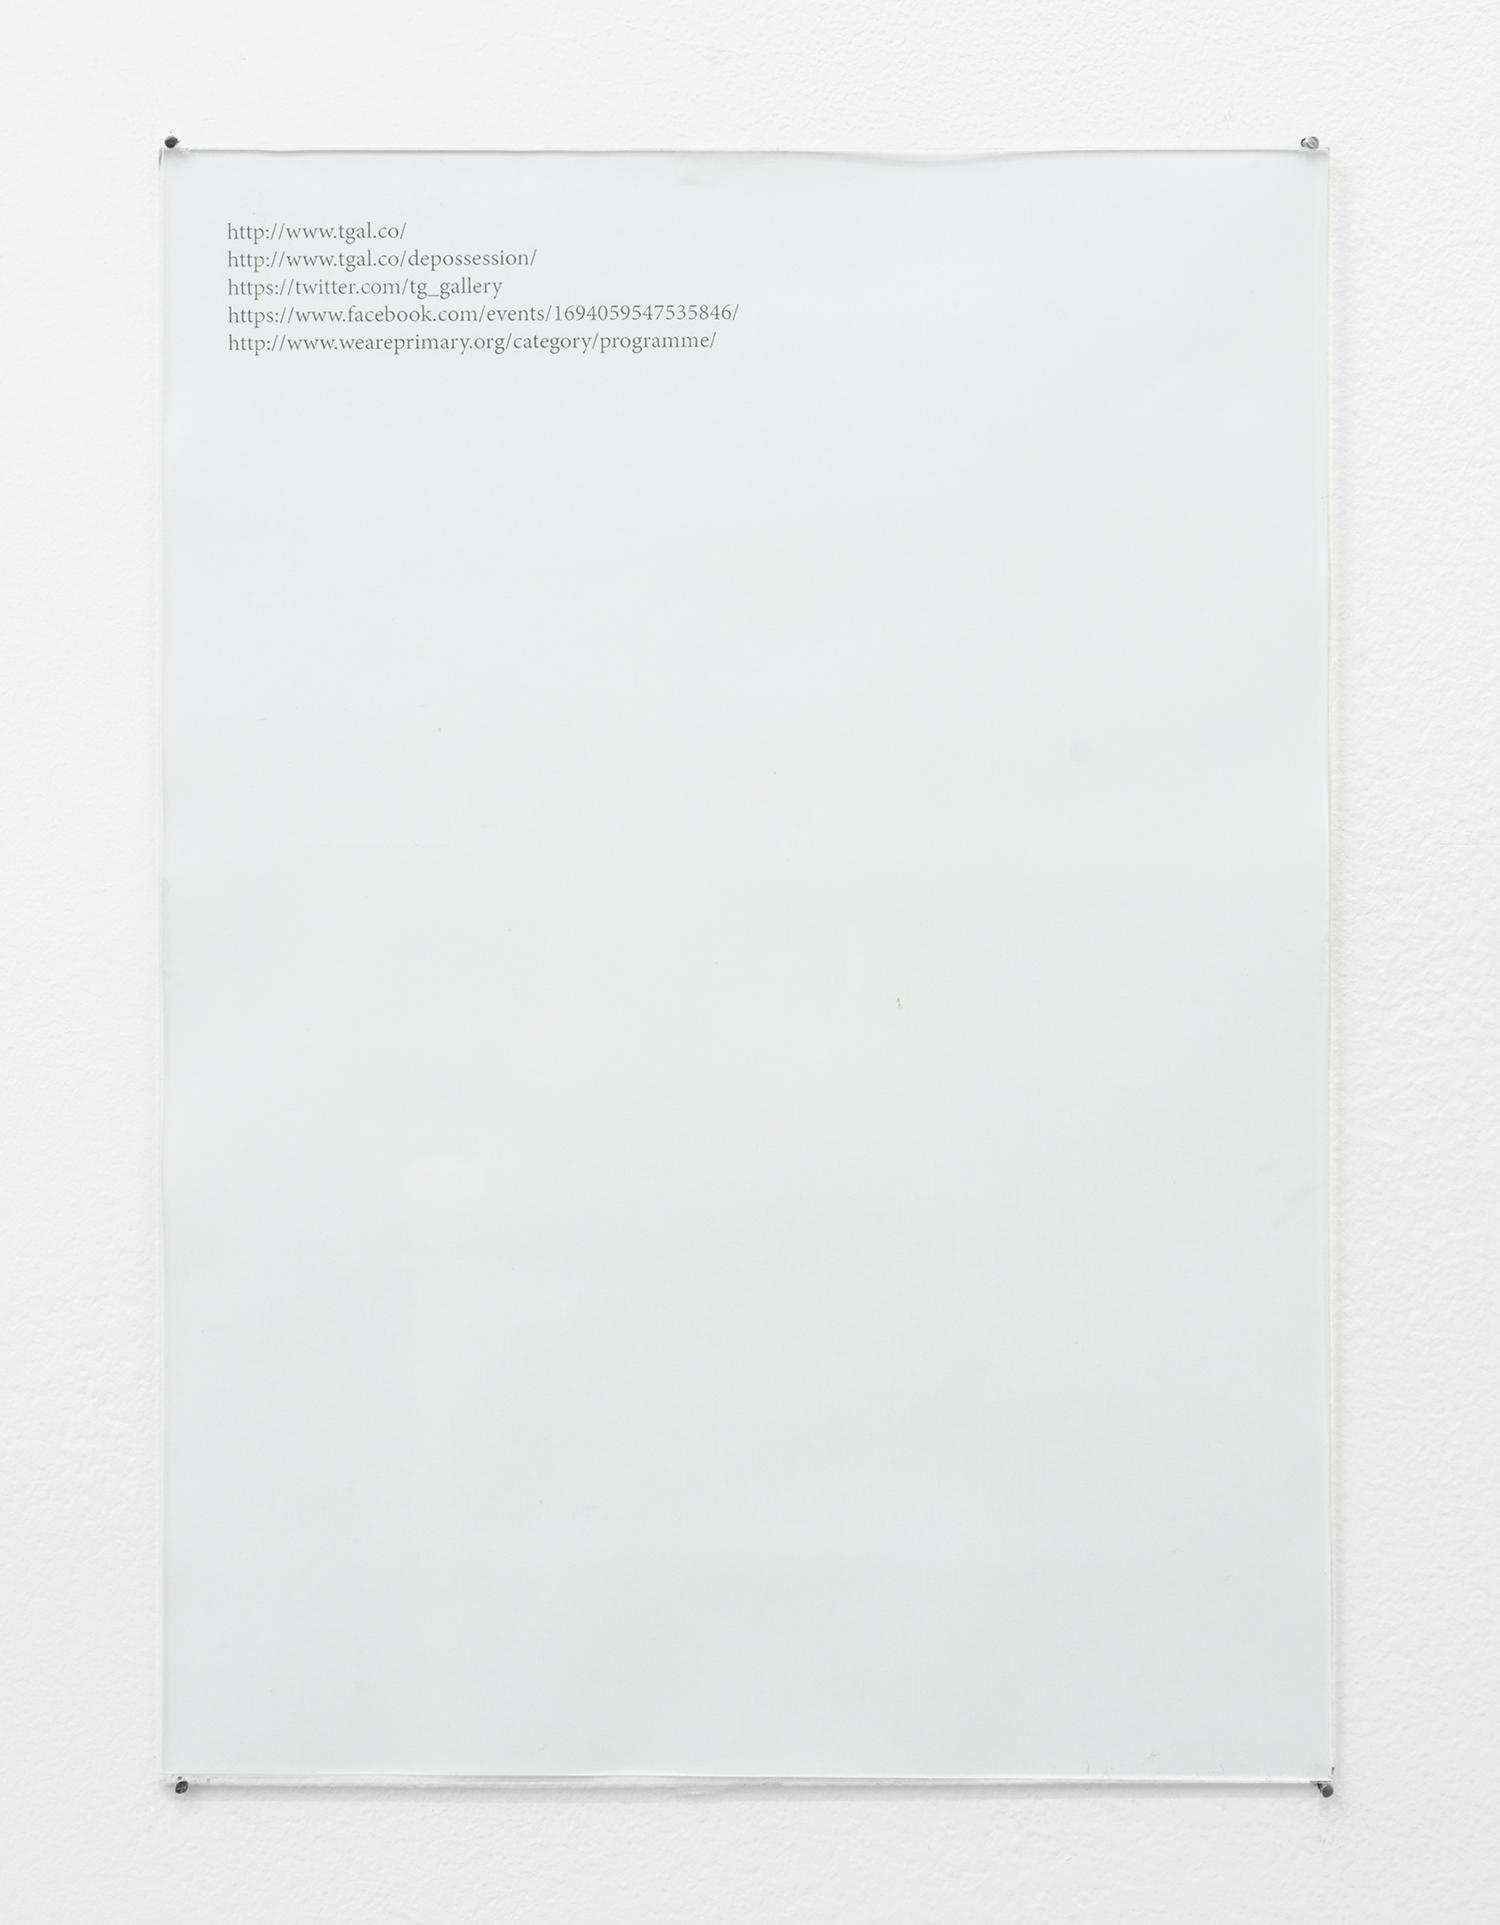 Christophe de Rohan Chabot   Untitled (Dépossession)     2016   Laser jet print, glass, nails,   29.1 x 21 x 0.2cm